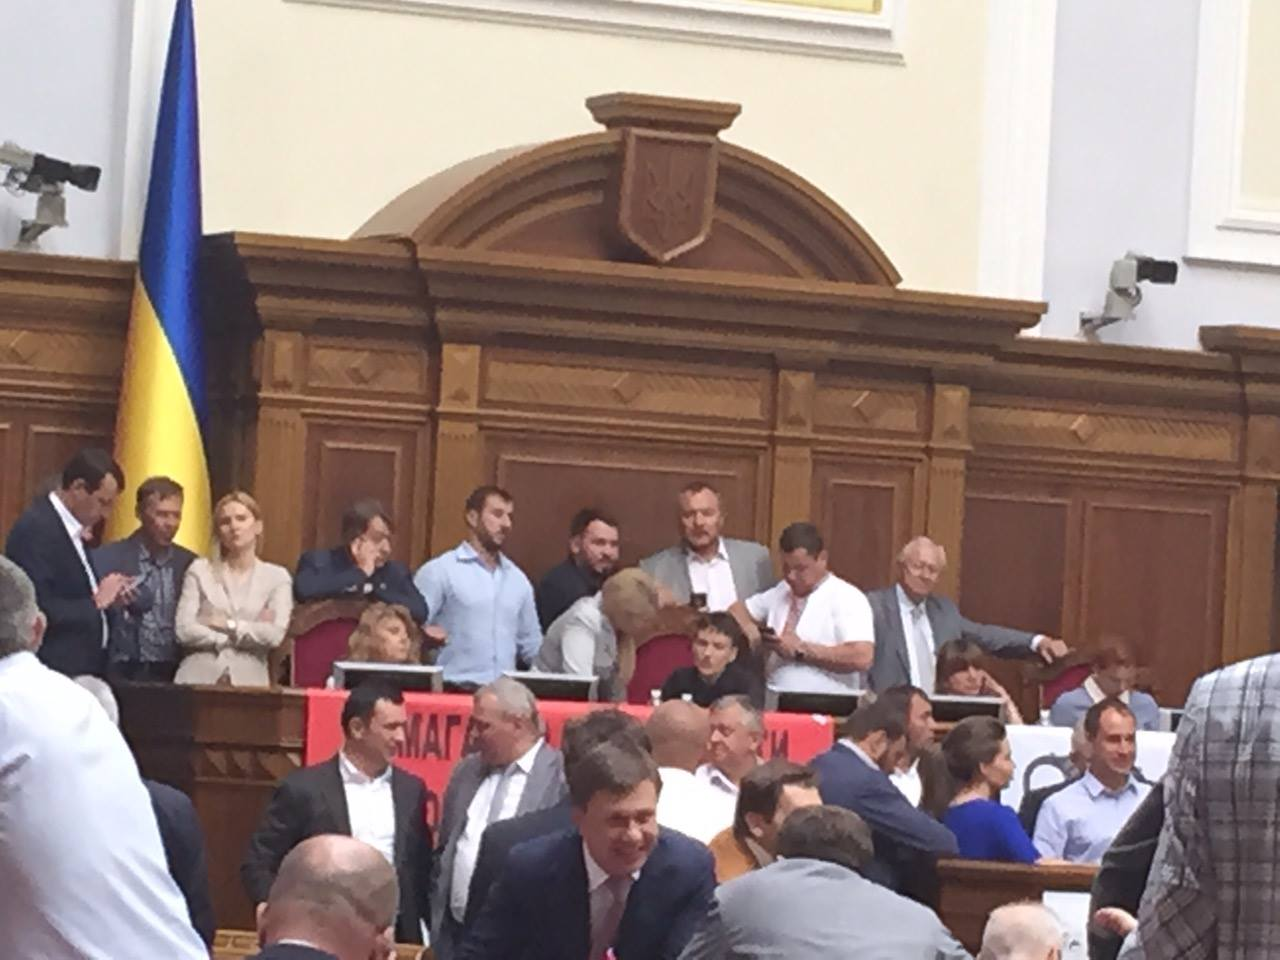 Як Тимошенко вмовляє Савченко поступитися кріслом Парубія - фото 1